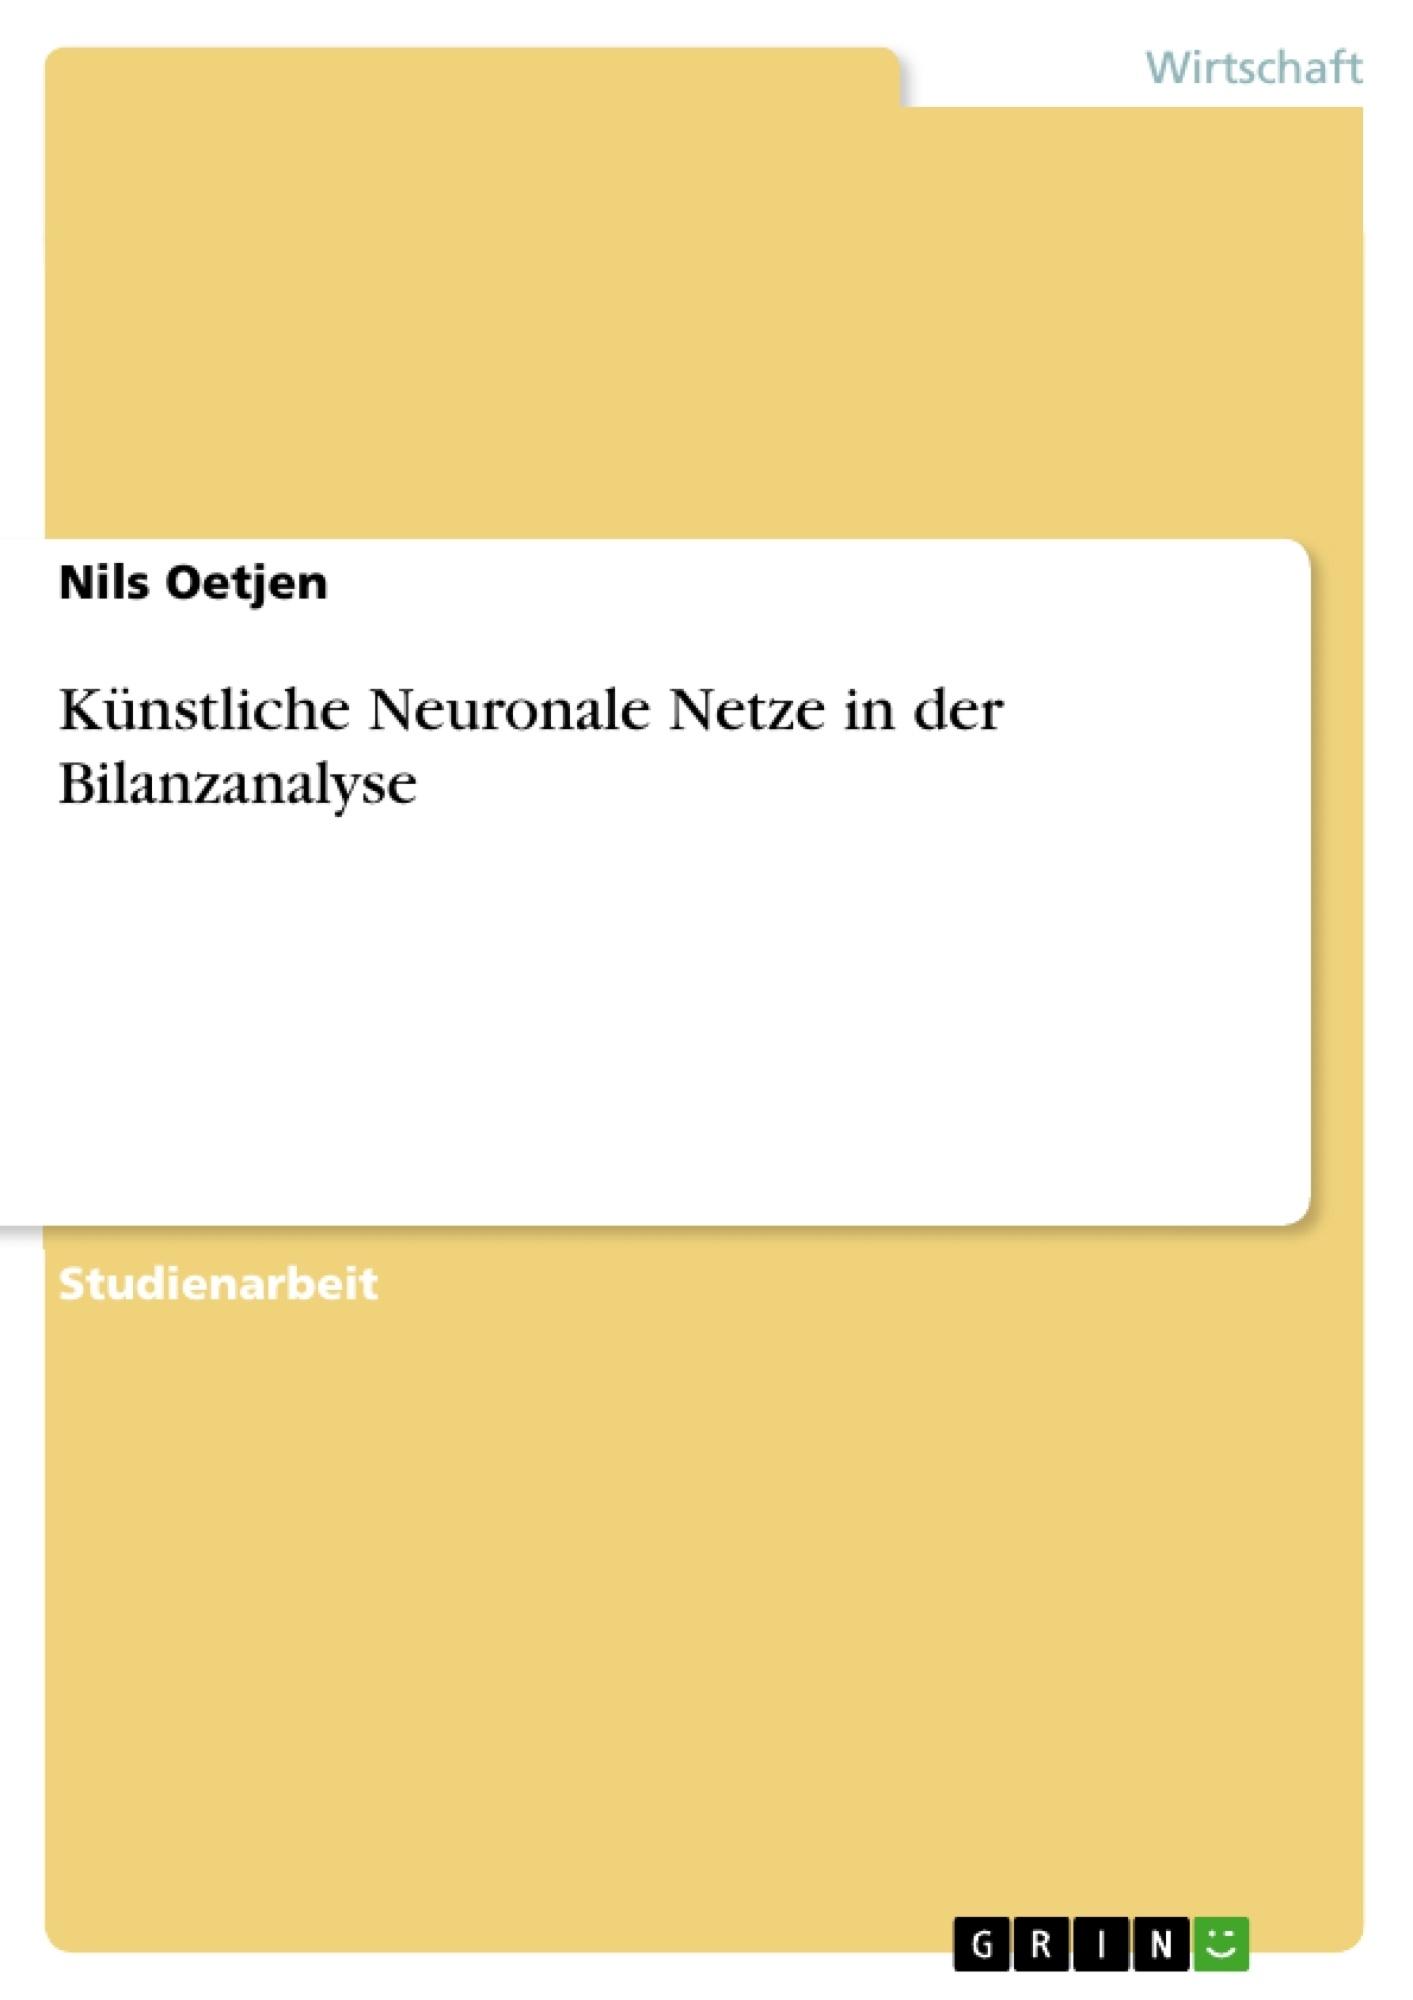 Titel: Künstliche Neuronale Netze in der Bilanzanalyse